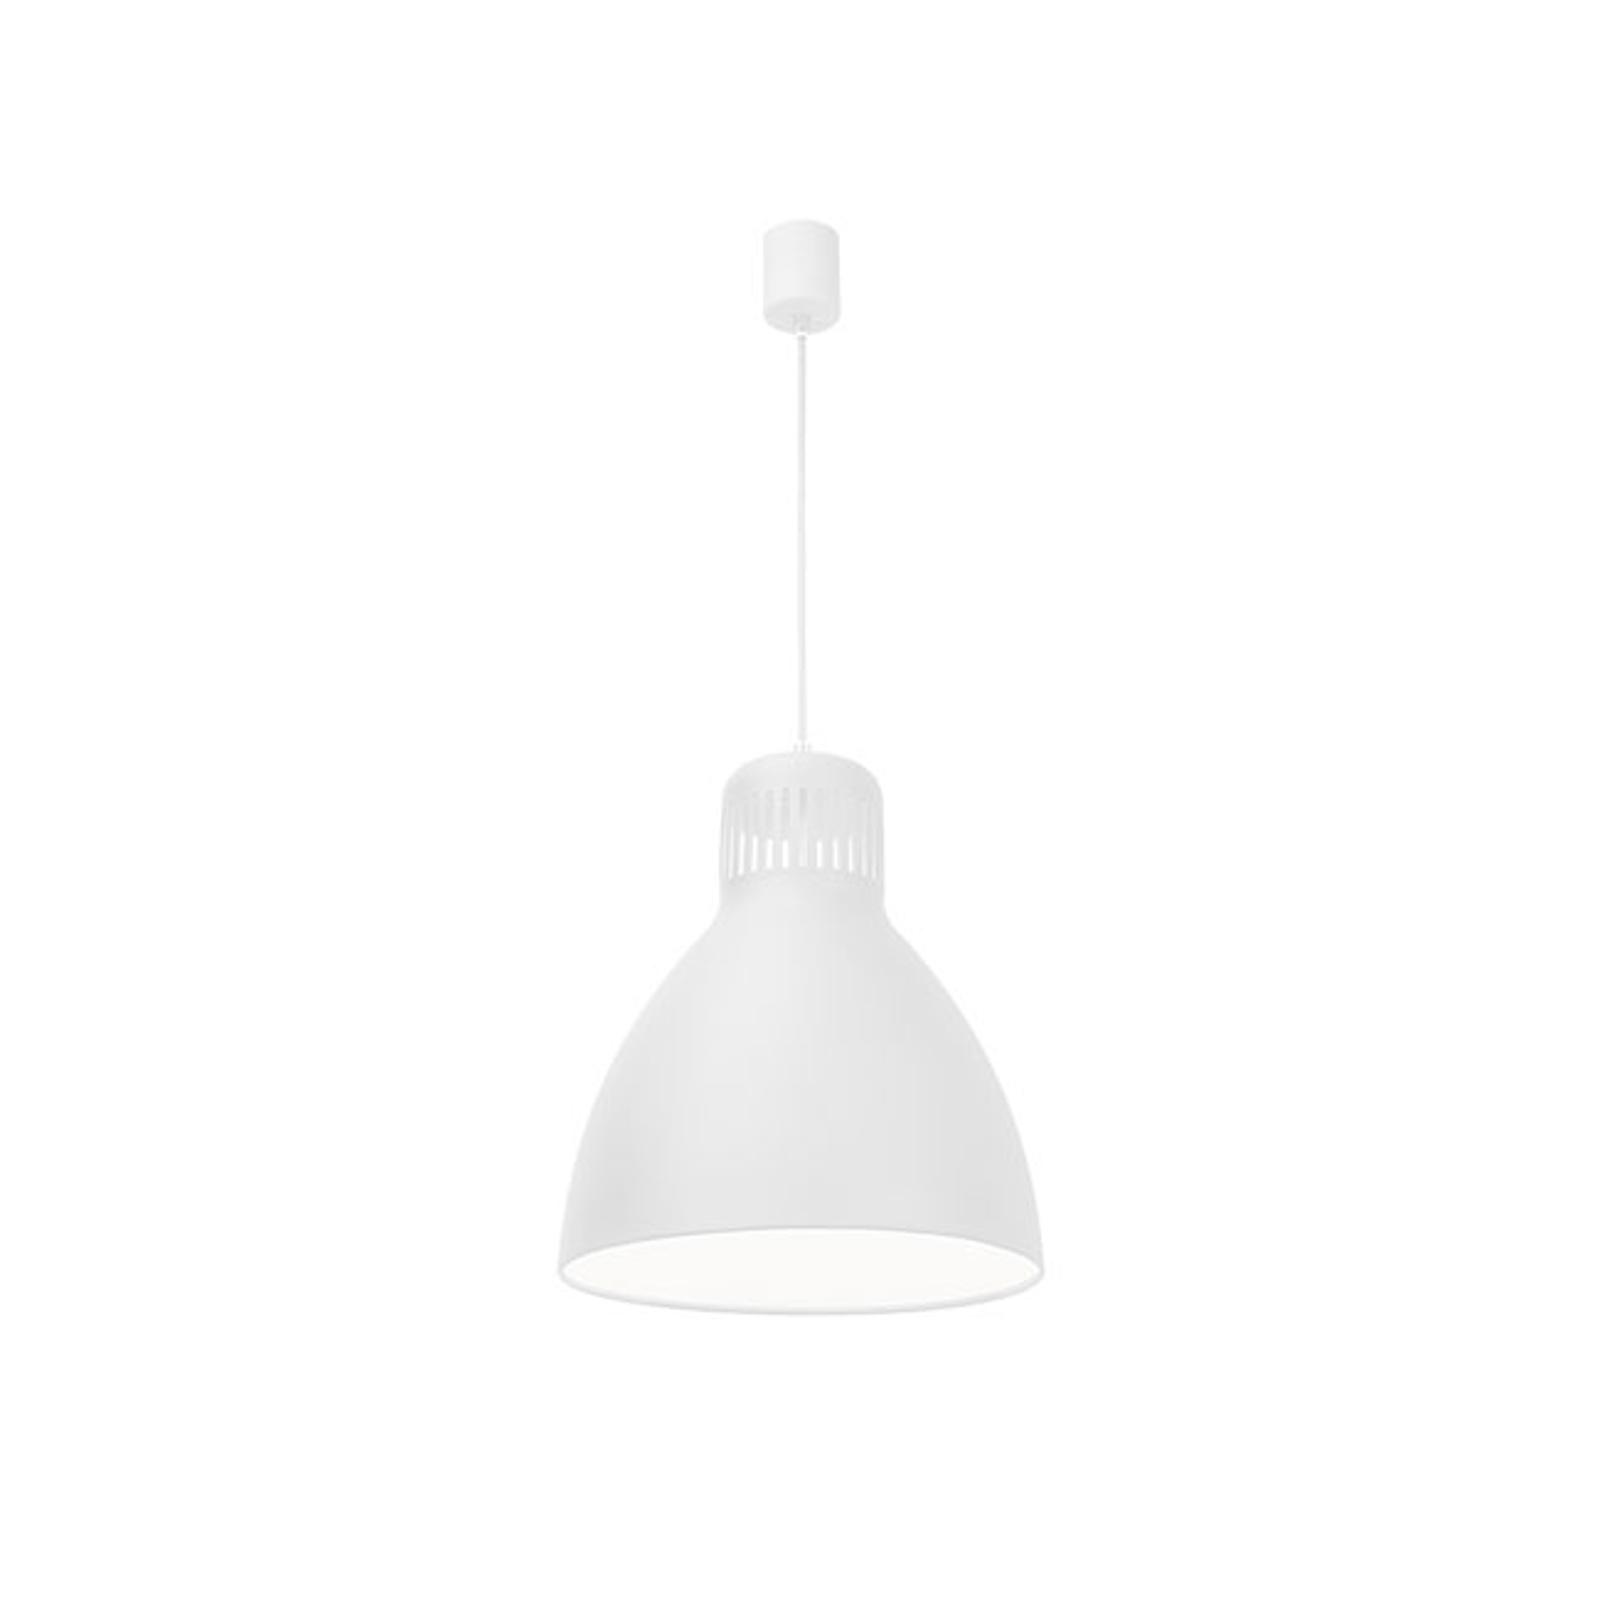 LED-Hängelampe L-1, DALI-dimmbar, 4.000 K, weiß